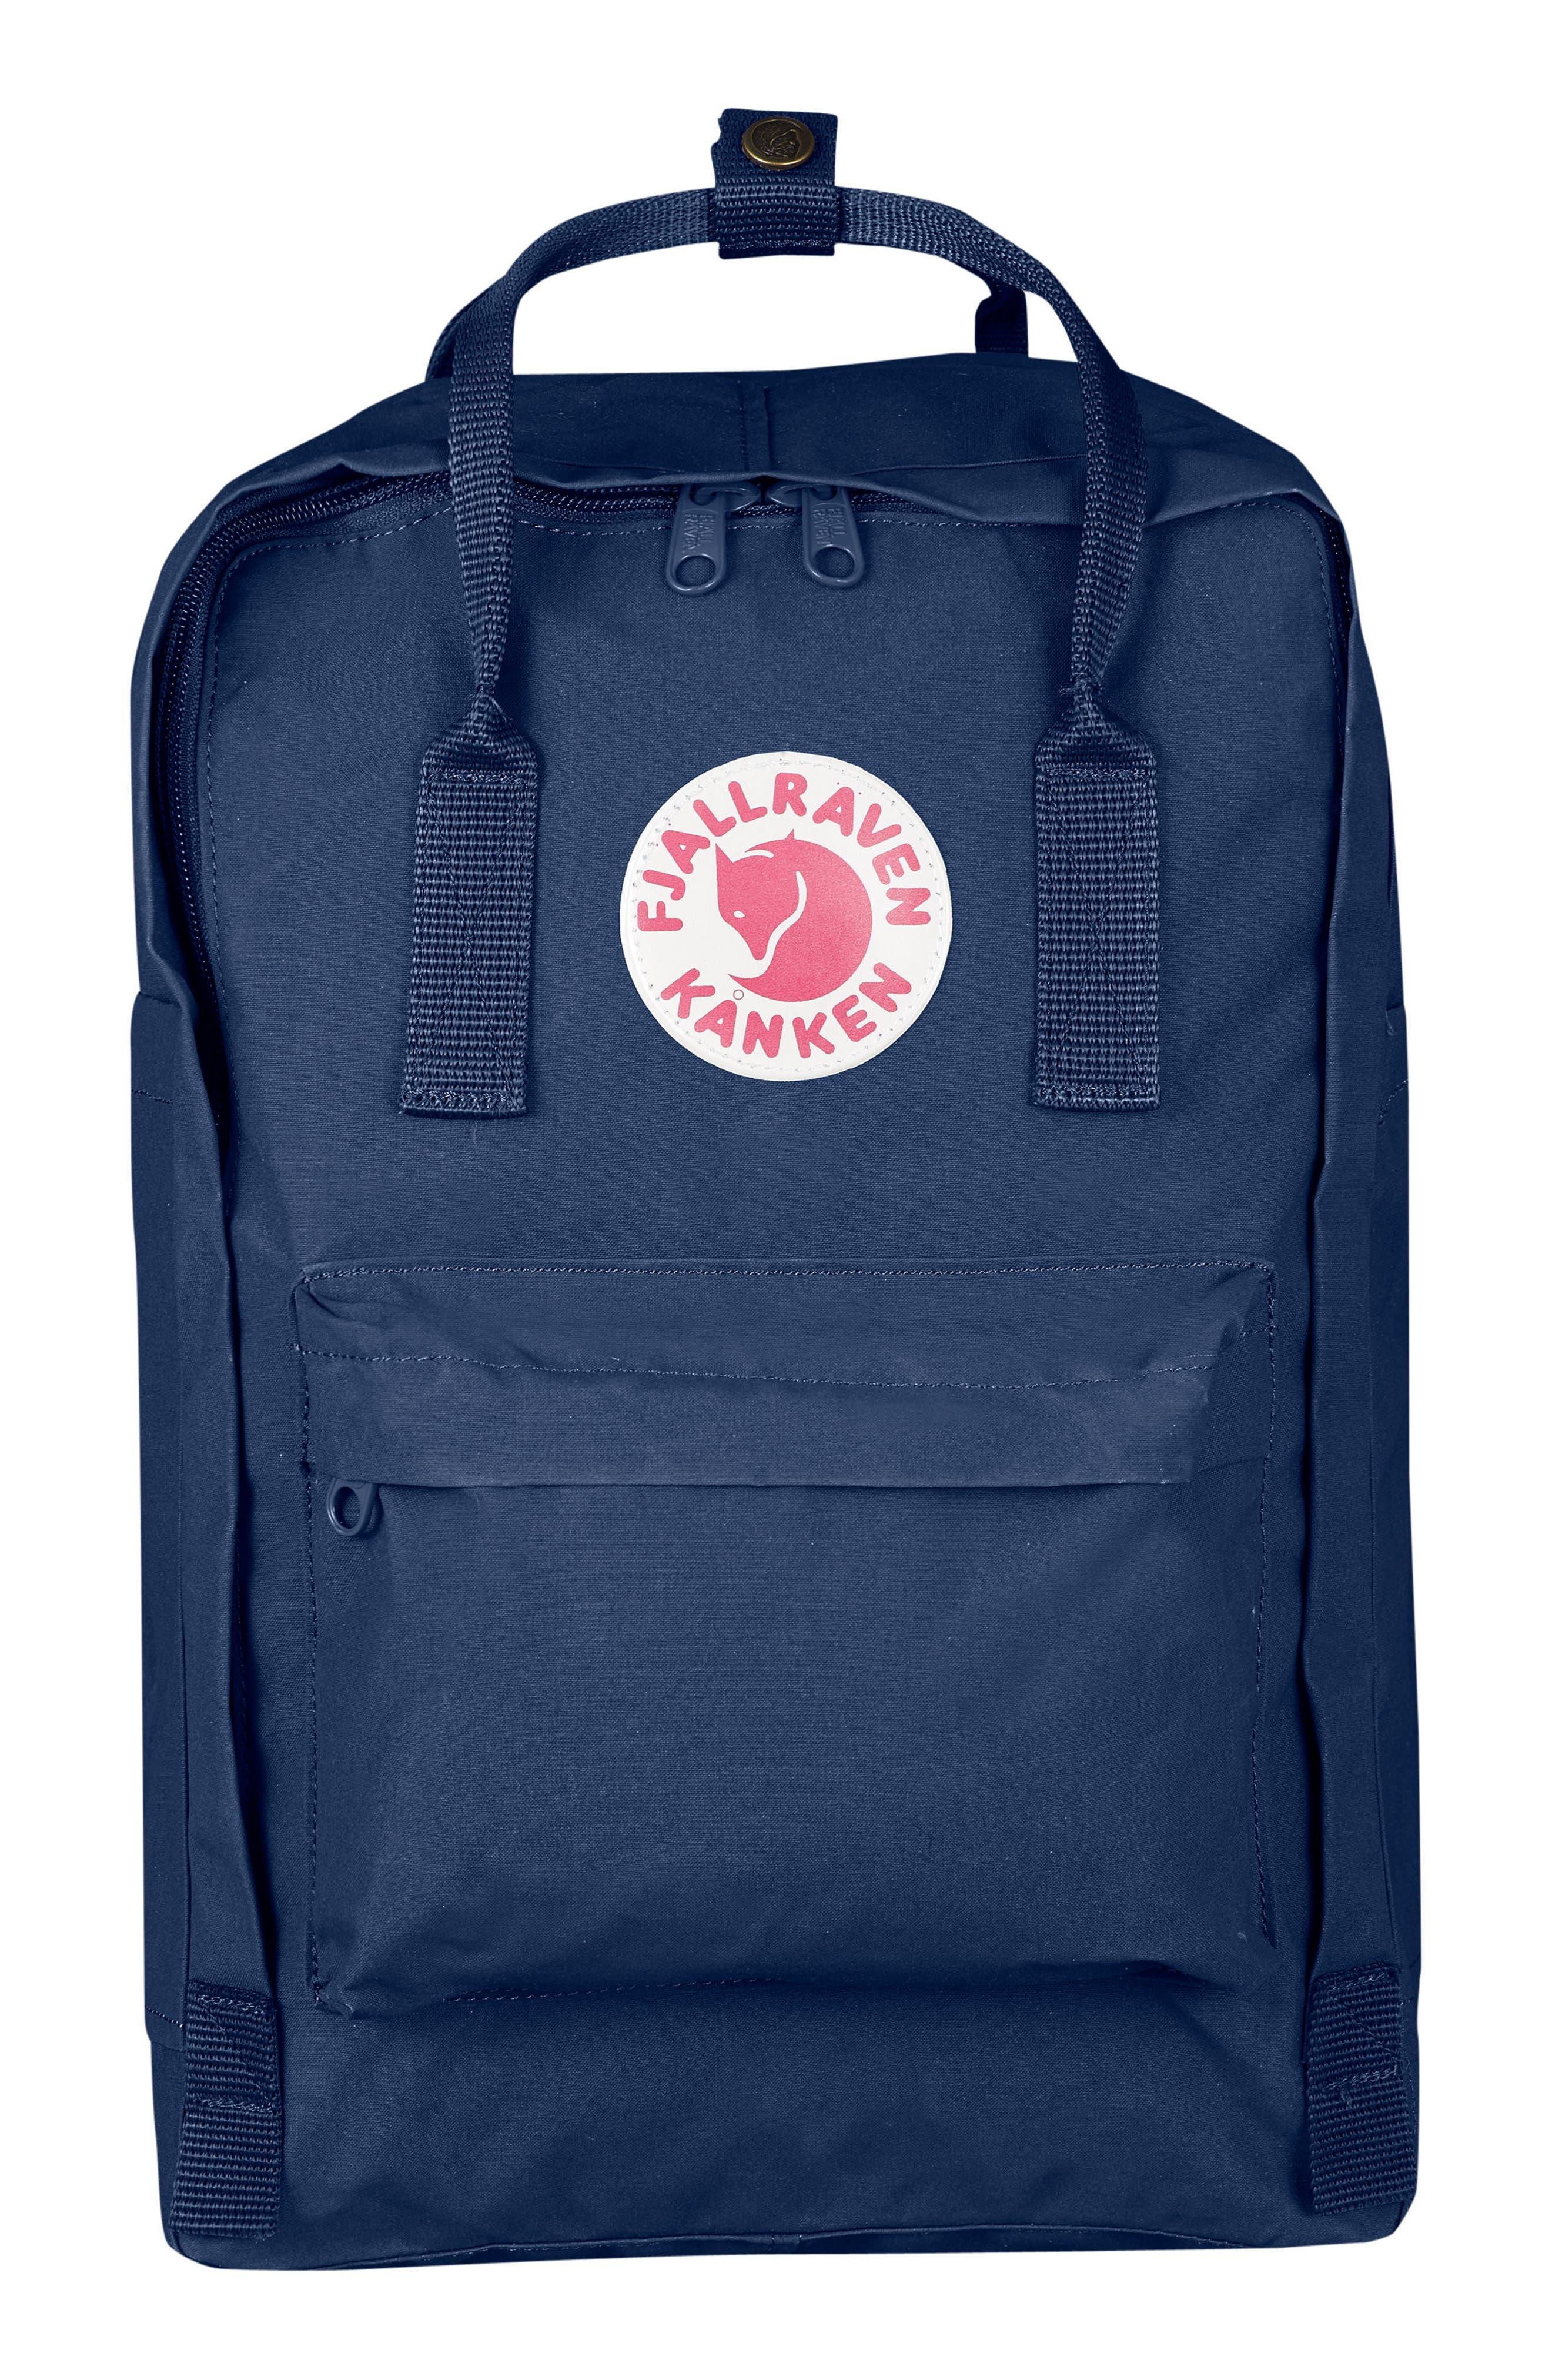 Main Image - Fjällräven 'Kånken' Laptop Backpack (15 Inch)